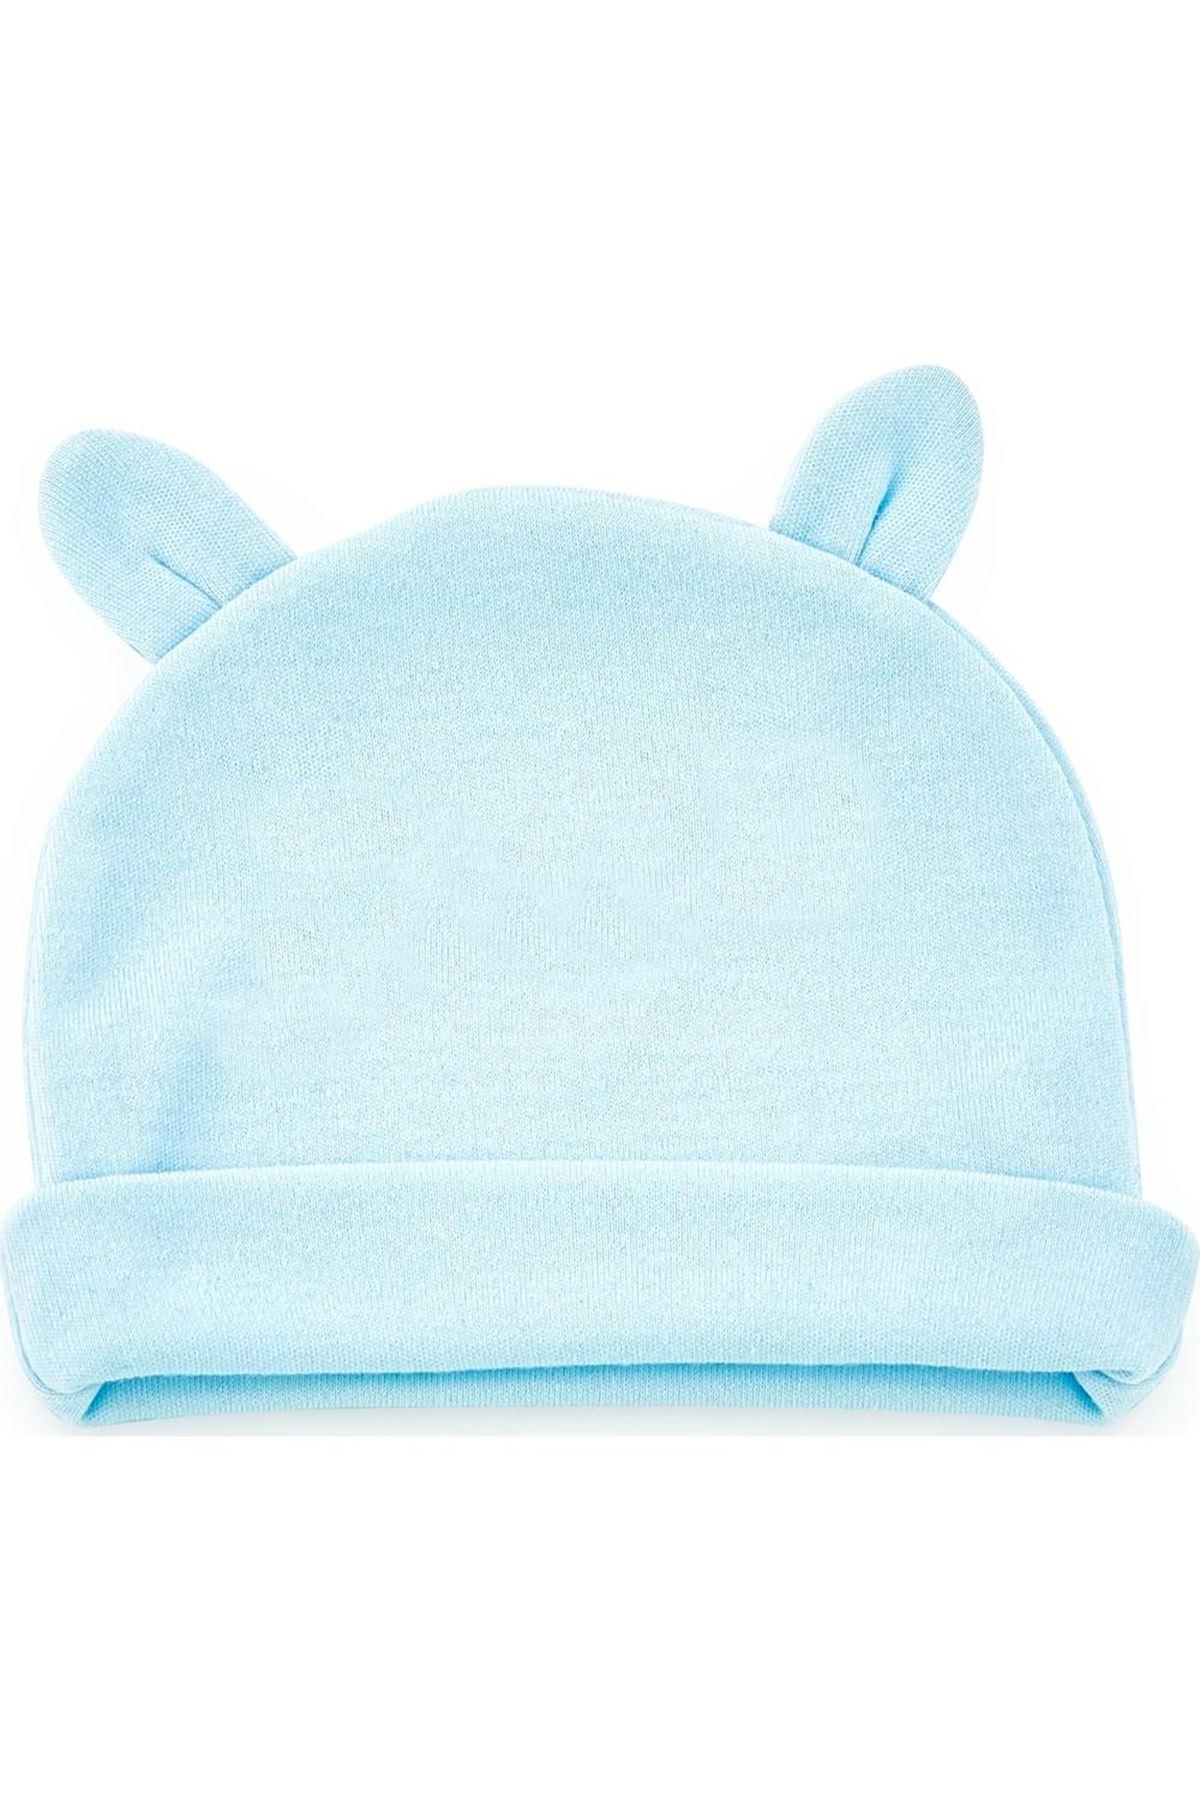 BabyJem Yenidoğan Bebe Şapka Kulaklı 585 Mavi